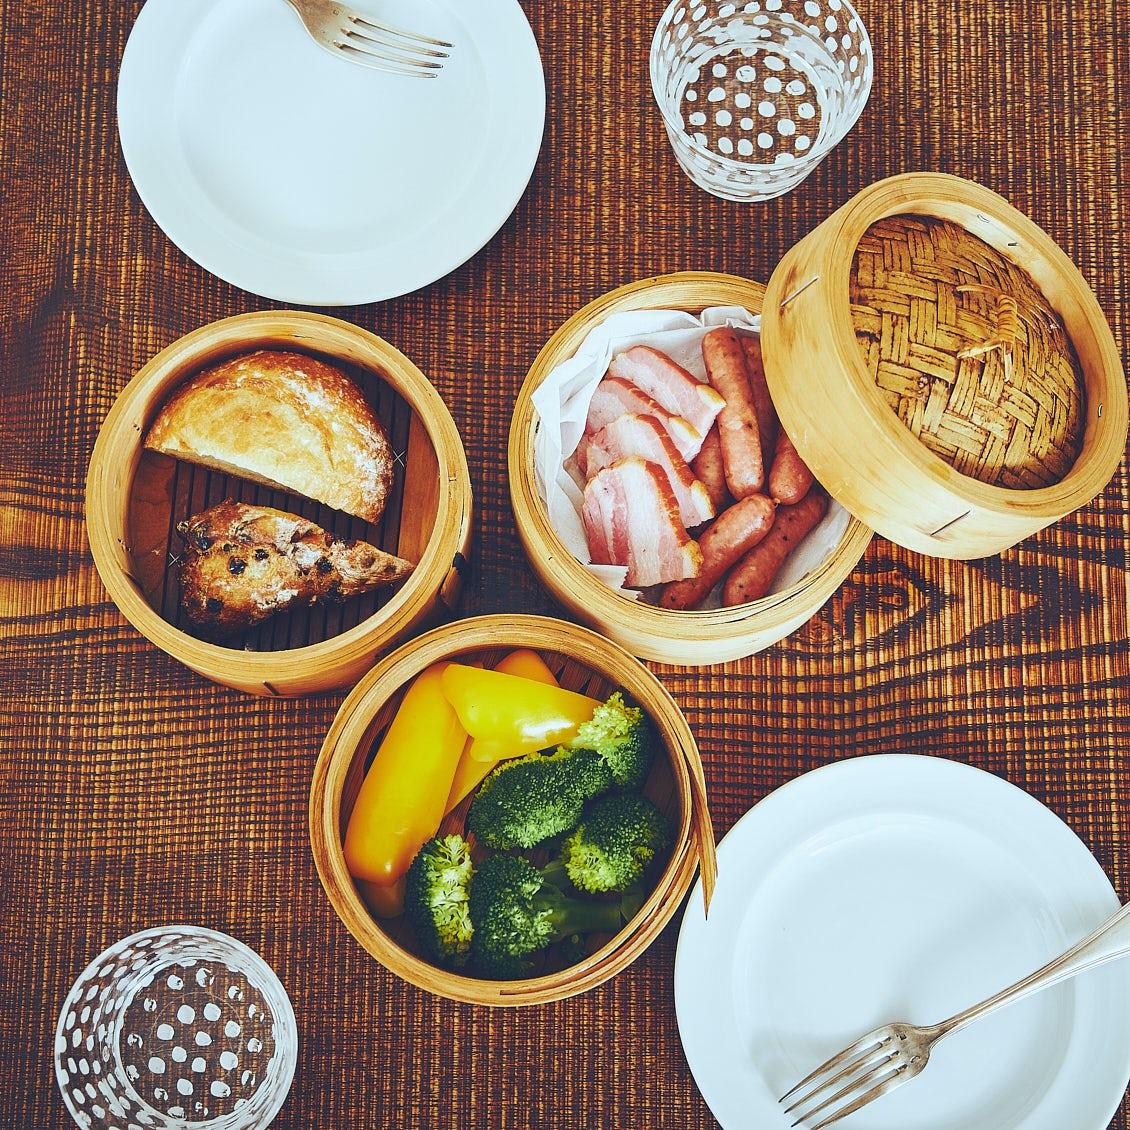 【せいろのある食卓】前編:パンもおかずも同時蒸し。5分で幸せ、ホカホカ朝ごはん